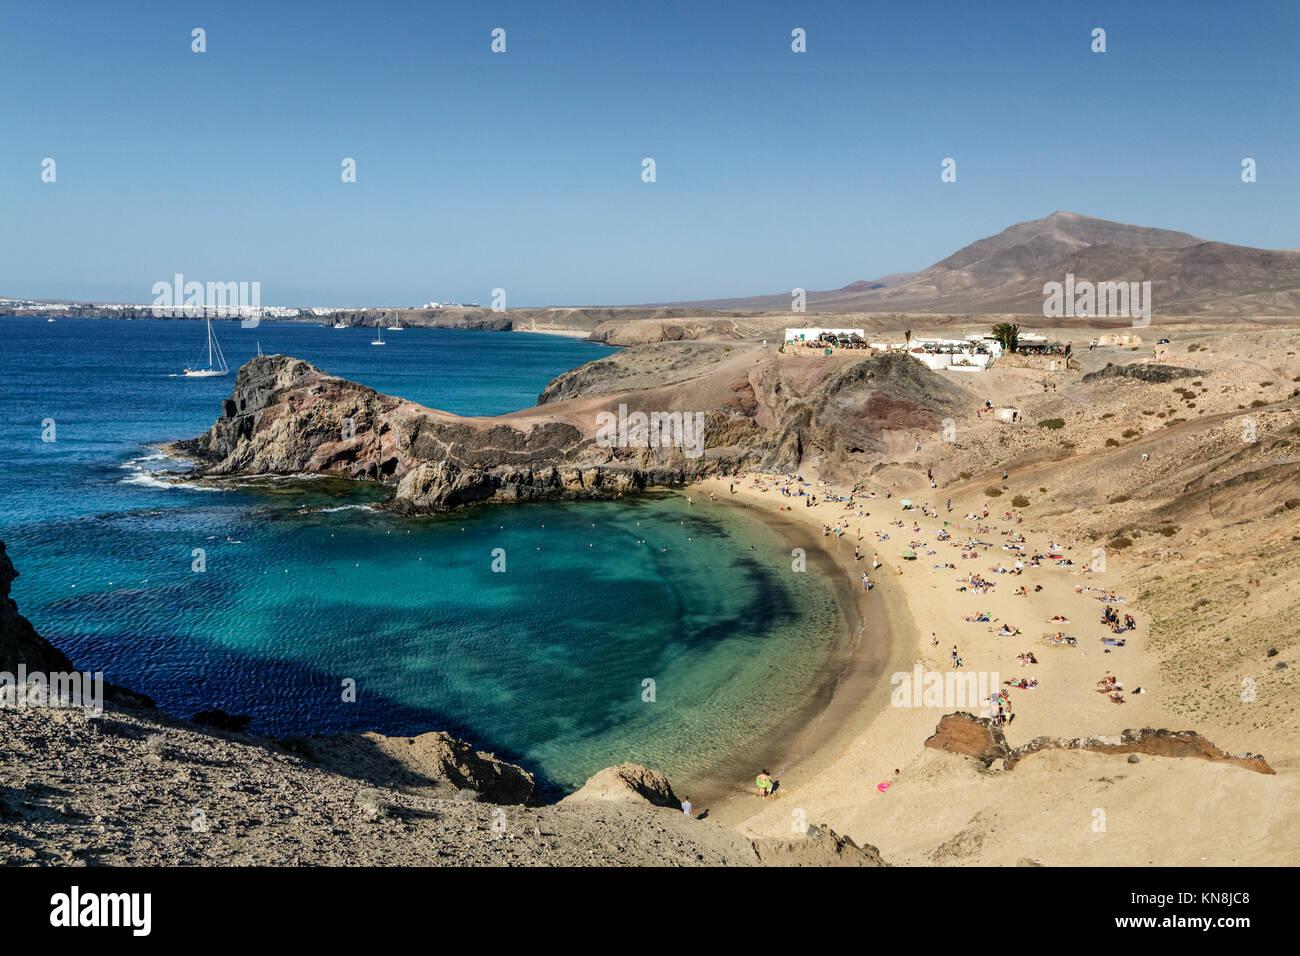 Playas de Papagayo, Atlantic Sea Lanzarote, Canary Islands, Spain - Stock Image